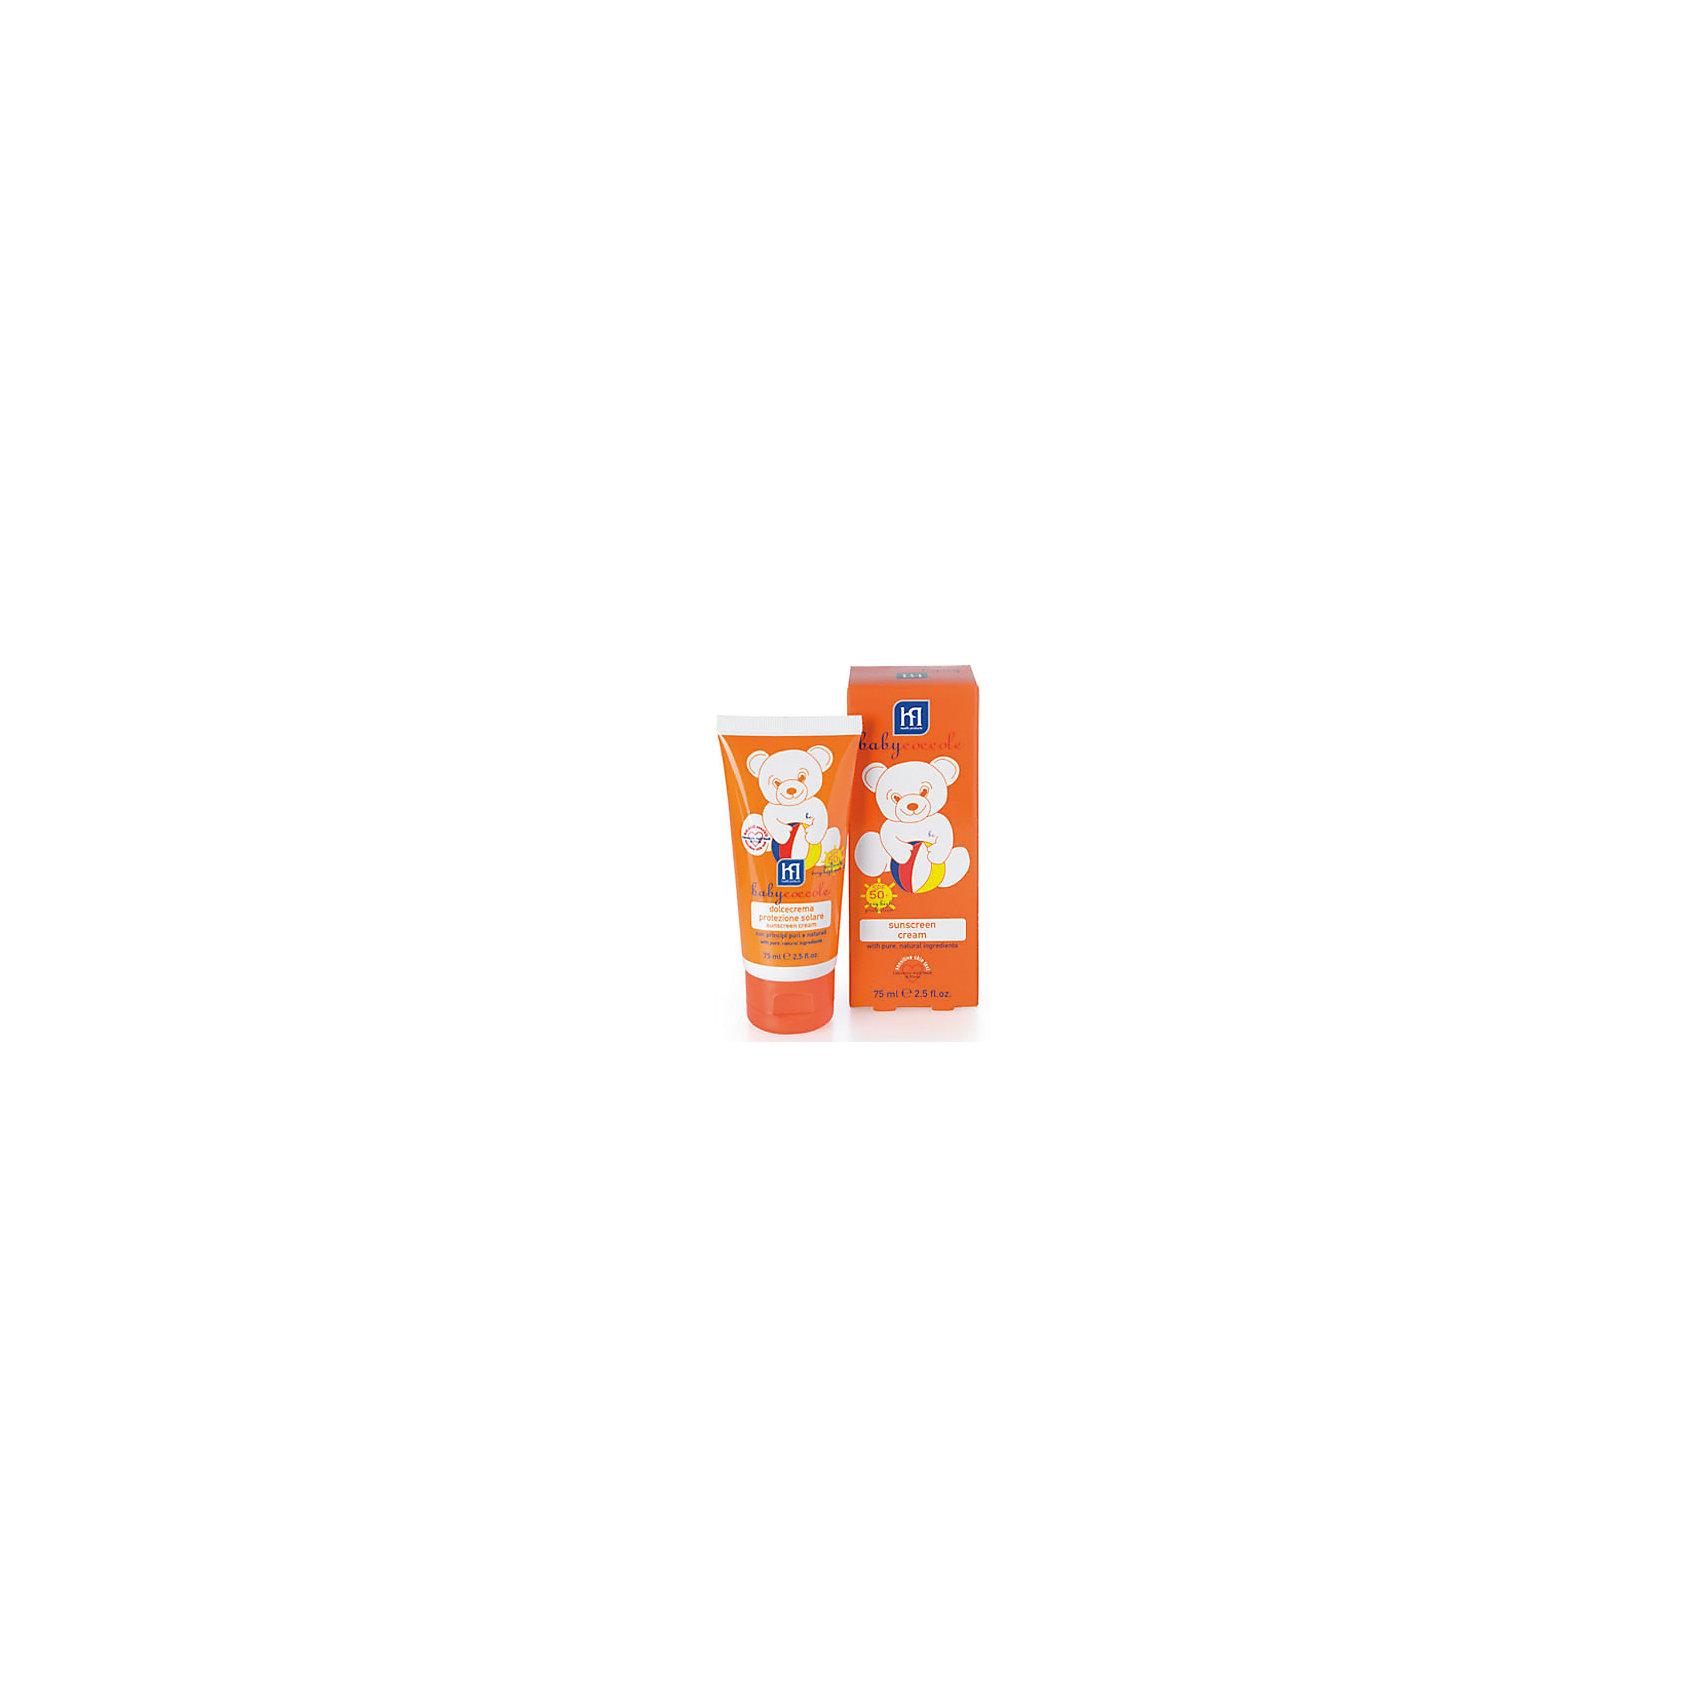 Крем солнцезащитный мягкий SPF50+ 75мл, BabycoccoleСредства защиты от солнца и насекомых<br>Крем солнцезащитный мягкий SPF50+ 75мл, Babycoccole (Бэбикоколле) – мягкий приятный крем защитит малыша от вредного солнечного воздействия.<br>Мягкий крем с высокой степенью защиты SPF 50 Babycoccole (Бэбикоколле) разработан специально для защиты от воздействия вредных UVA и UVB лучей. Идеально подходит для очень чувствительной кожи новорожденных и маленьких детей. Сбалансированная сильная формула из физических, химических и натуральных фильтров, чистые натуральные ингредиенты, такие как экстракт коралловой водоросли, морские водоросли, рускогенин, аллантоин, гидрогенизированное касторовое масло, витамин Е делают этот крем легким в применении и нежным для кожи. Кремовая мягкая текстура идеальна, для детской кожи впервые подвергающейся воздействию солнечных лучей. Без парфюмерных добавок, не содержит спирта, без красителей, водостойкий. Гипоаллергенный, обладает физиологическим уровнем pH. Косметика Babycoccole (Бэбикоколле) – это чистые и натуральные решения, созданные самой природой, потому что они основаны на использовании лучших и наиболее эффективных свойств компонентов растений. Косметика создана в результате глубоких исследований, для ухода за нежной кожей новорожденных и маленьких детей. Разработана и произведена в лаборатории Betafarma, Италия. Клинически протестирована, соответствует Европейской директиве 2003/15/СЕЕ, которая регулирует вопрос о недопустимости в содержании аллергических веществ. Для косметических средств характерен легкий мягкий запах мускуса с цитрусовой ноткой, который так подходит и нравится детям.<br><br>Дополнительная информация:<br><br>- Объем: 75 мл.<br>- Степень защиты: 50+<br>- Отсутствуют потенциально агрессивные ПАВ, такие как лаурилсульфаты (SLES-SLS)<br><br>Крем солнцезащитный мягкий SPF50+ 75мл, Babycoccole (Бэбикоколле) можно купить в нашем интернет-магазине.<br><br>Ширина мм: 40<br>Глубина мм: 50<br>Высота мм: 140<br>Вес г: 152<br>Воз